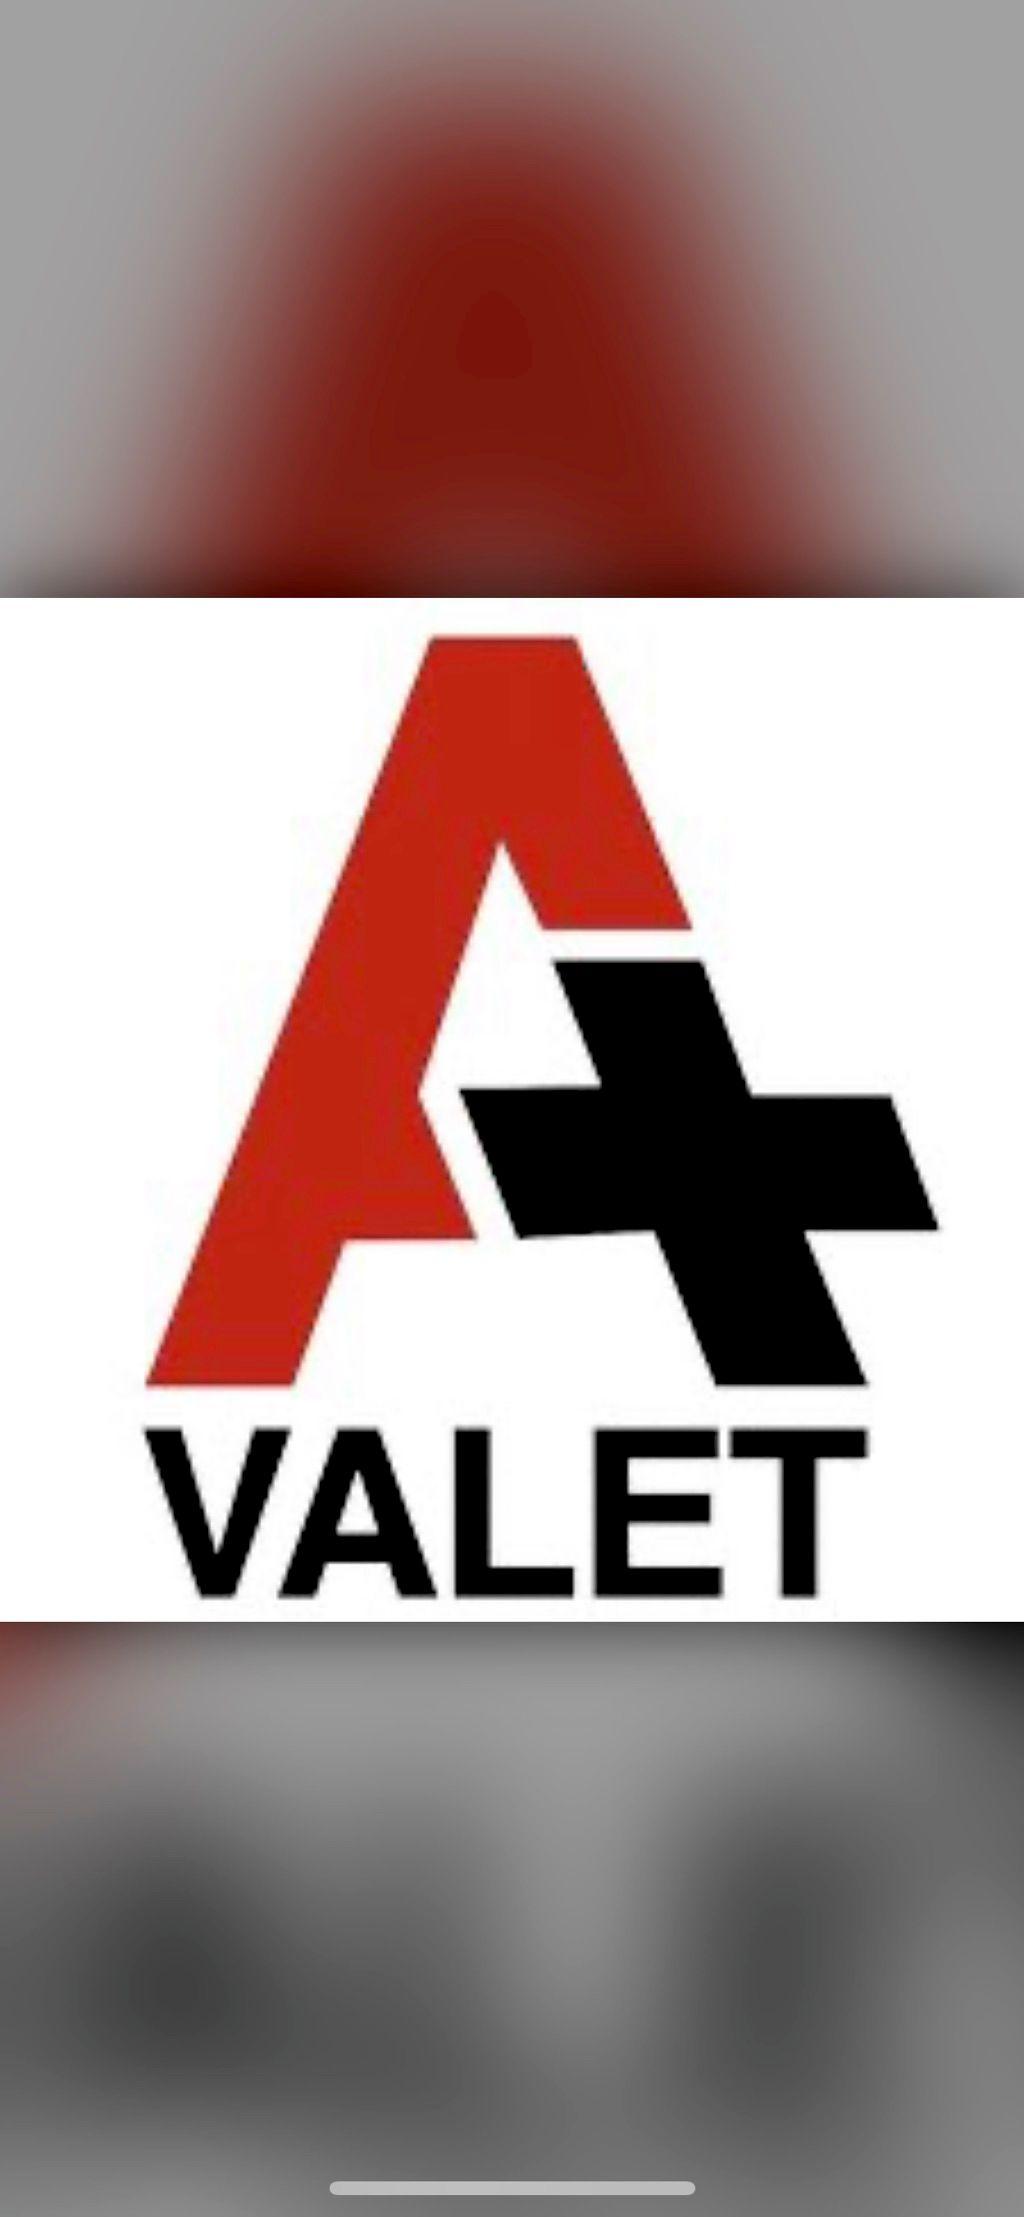 APlus Valet Parking Services